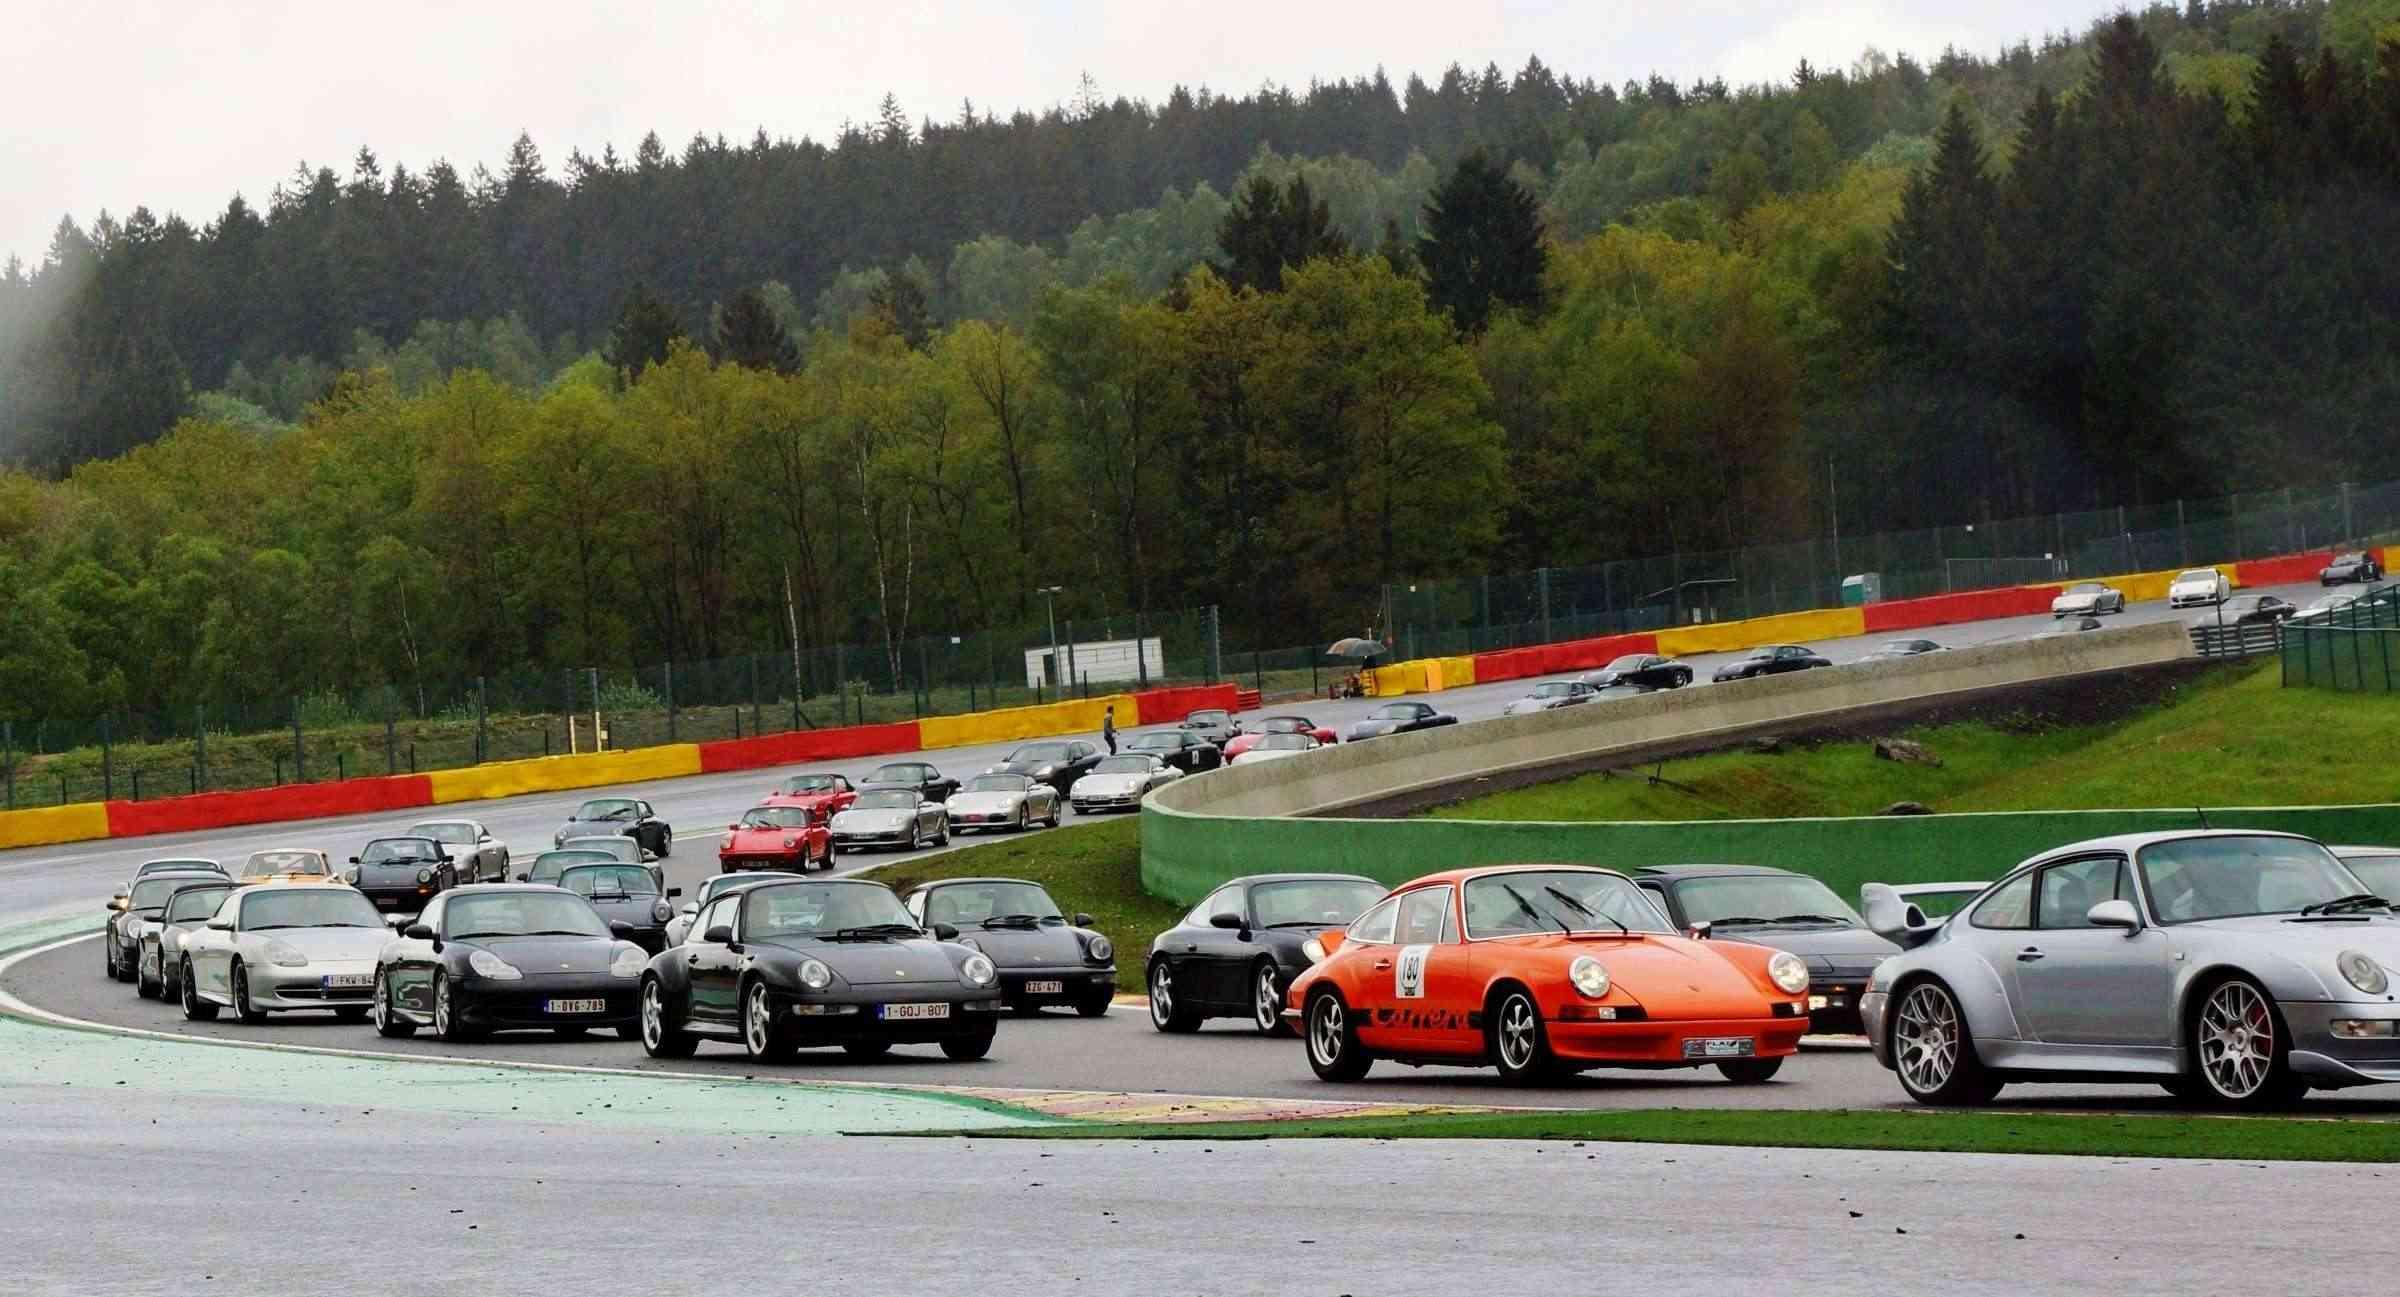 Compte rendu des Porsche Days Francorchamps 2014 Dsc01136